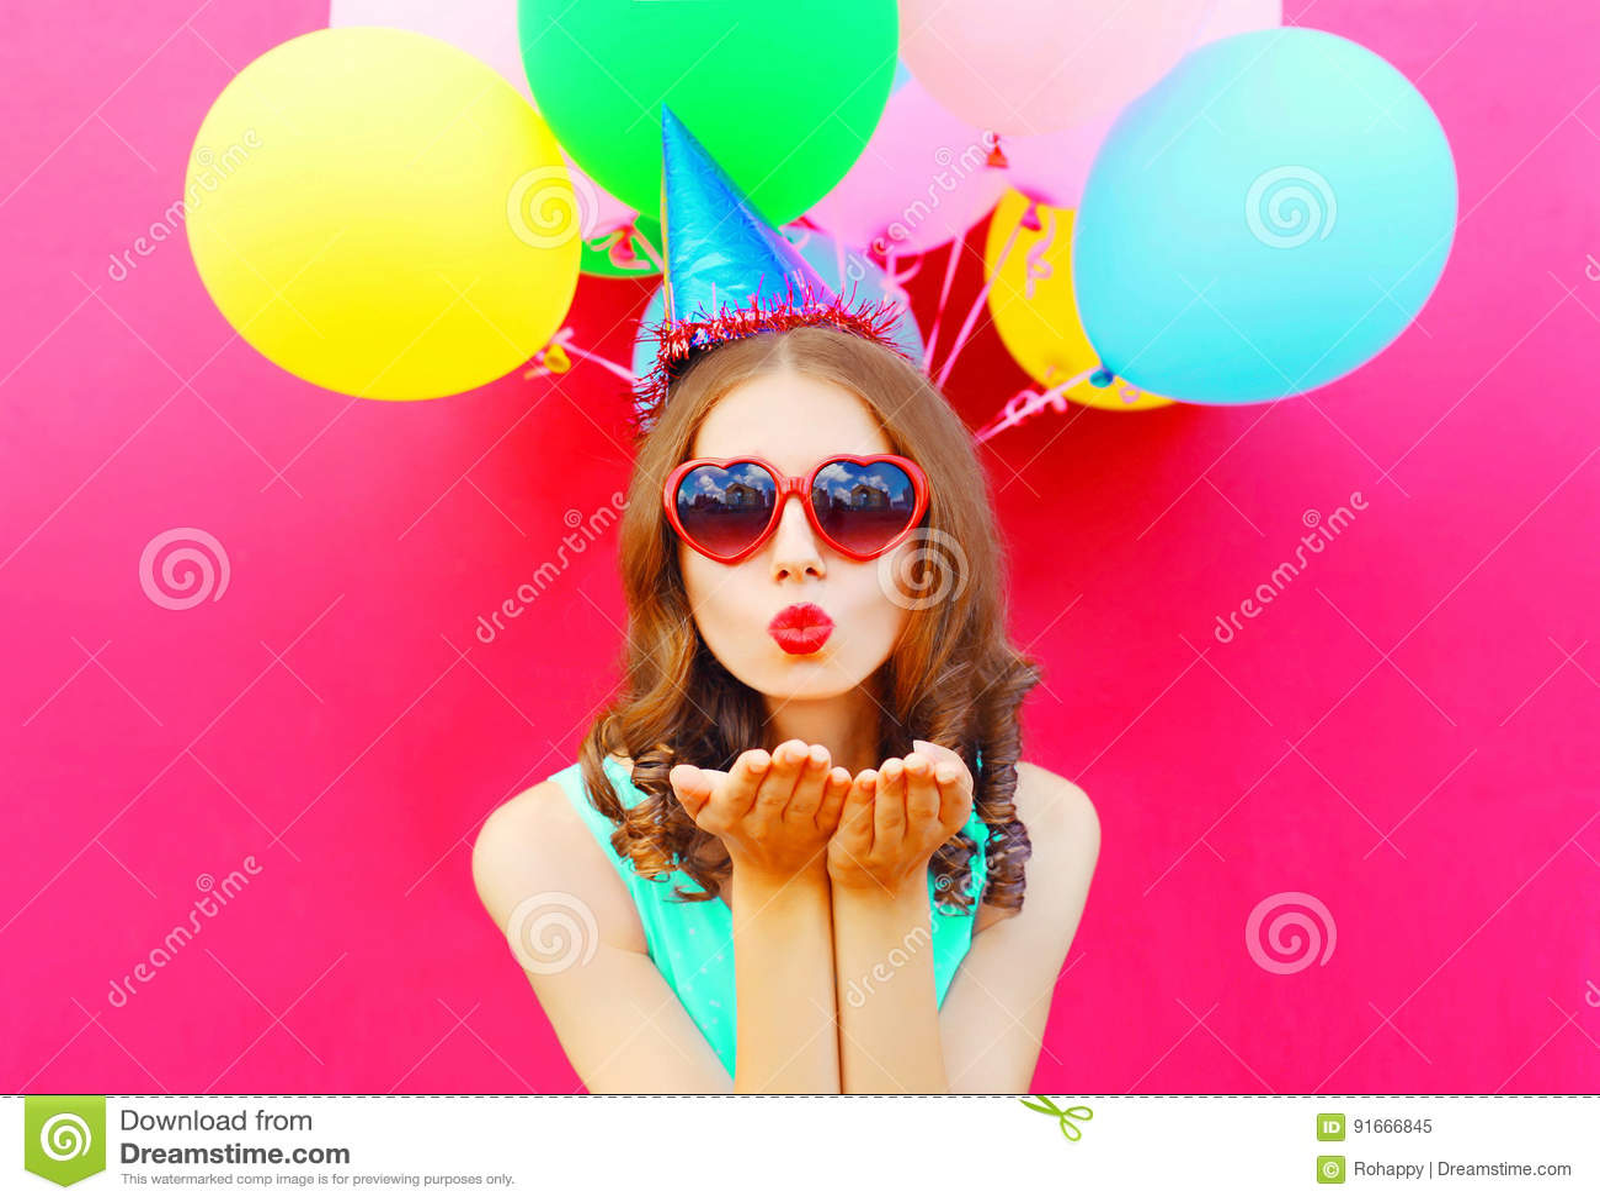 Het portret de mooie vrouw in een verjaardag GLB is verzendt een luchtkus houdt een lucht kleurrijke ballons op roze achtergrond